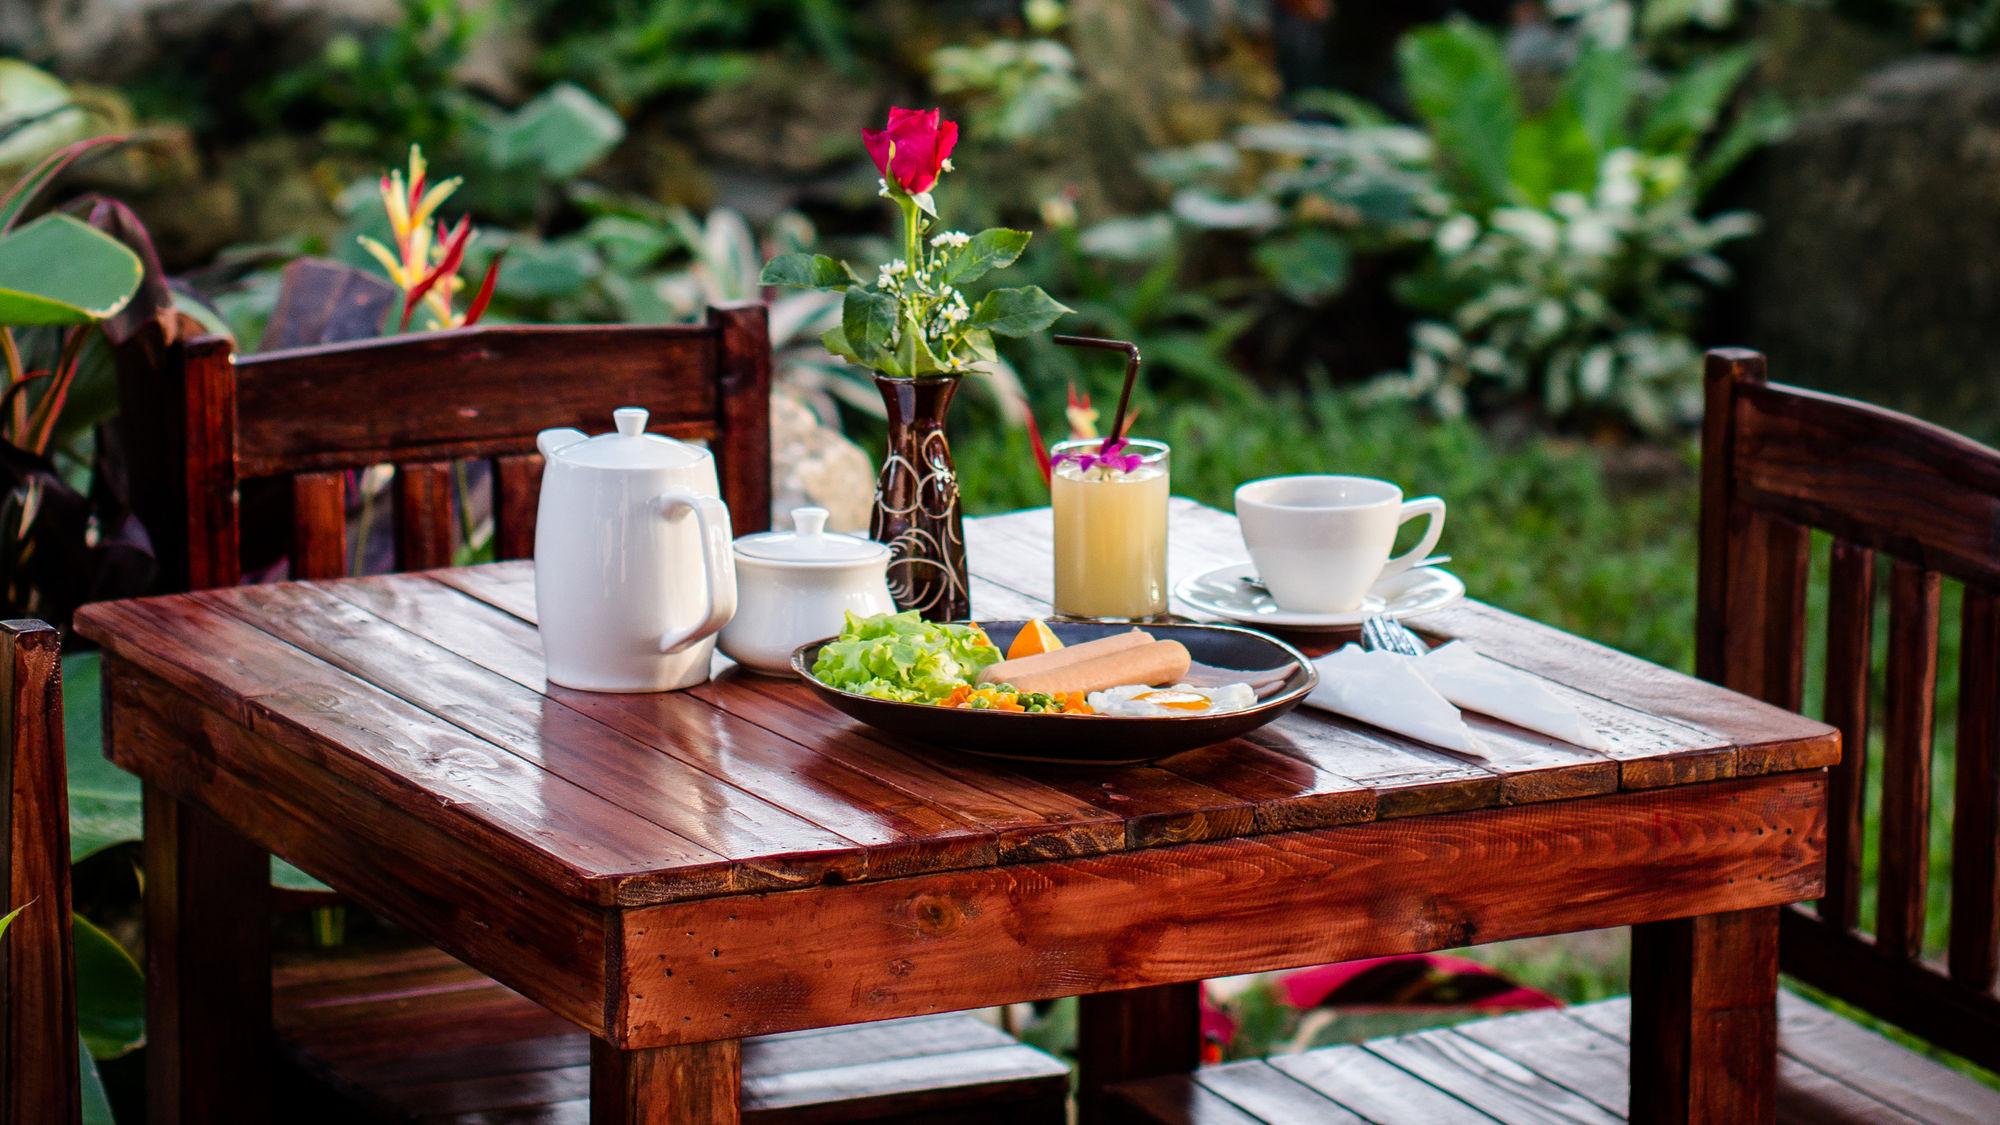 โรงแรมบางแสน อาหารเช้า